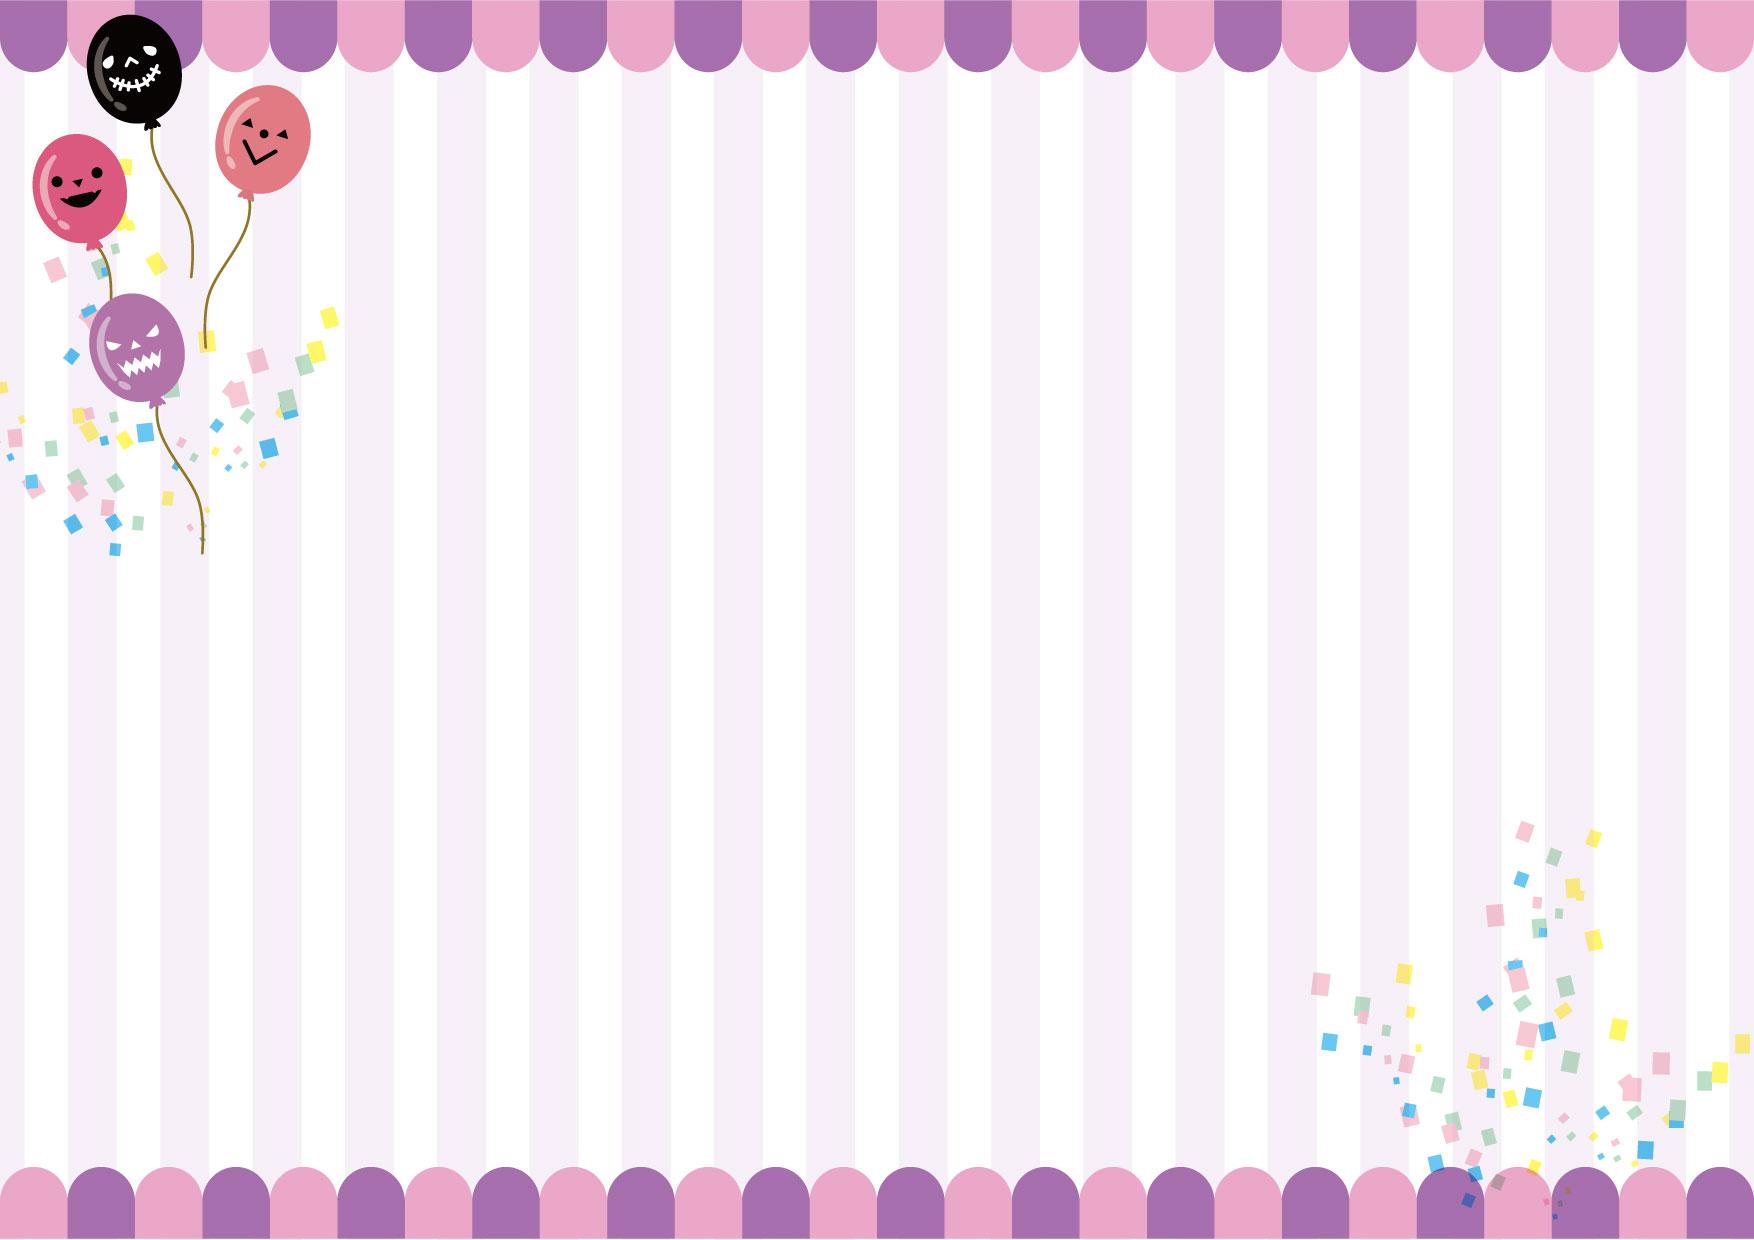 ハロウィン 背景 紫 風船 ストライプ イラスト 無料